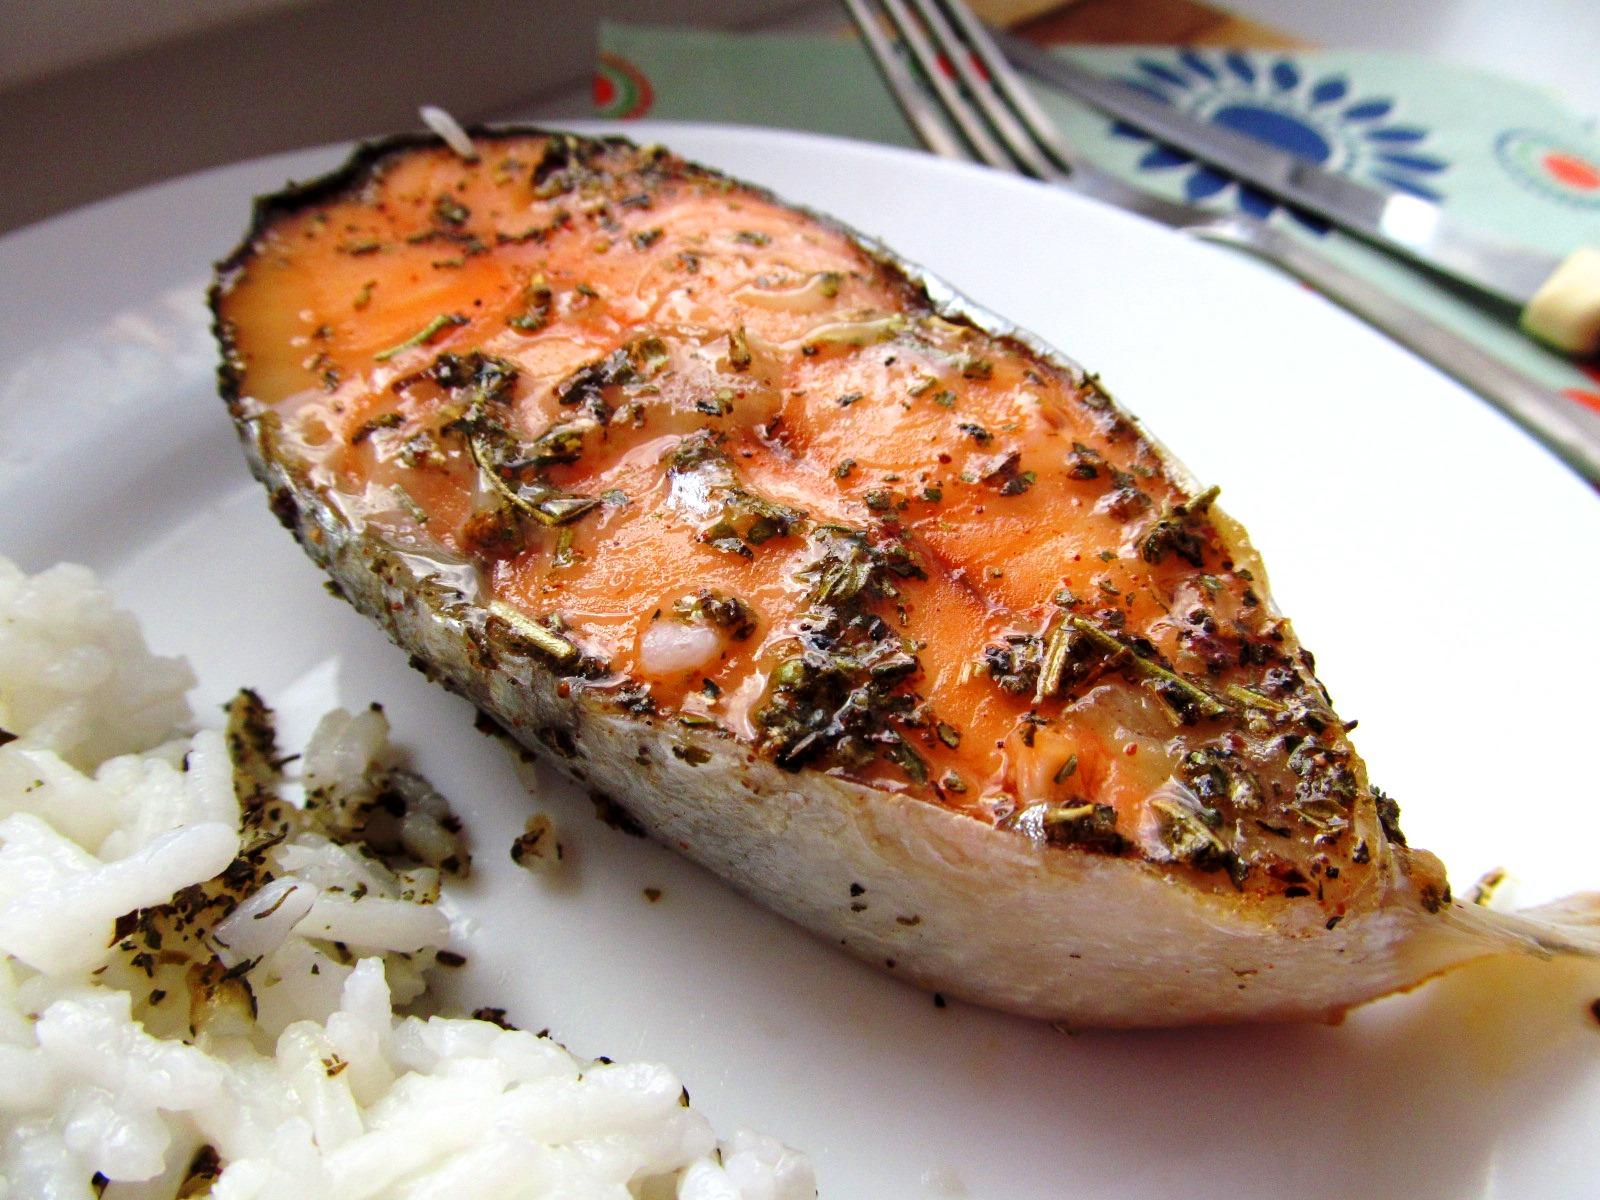 рыбные блюда рецепты с фото простые компания